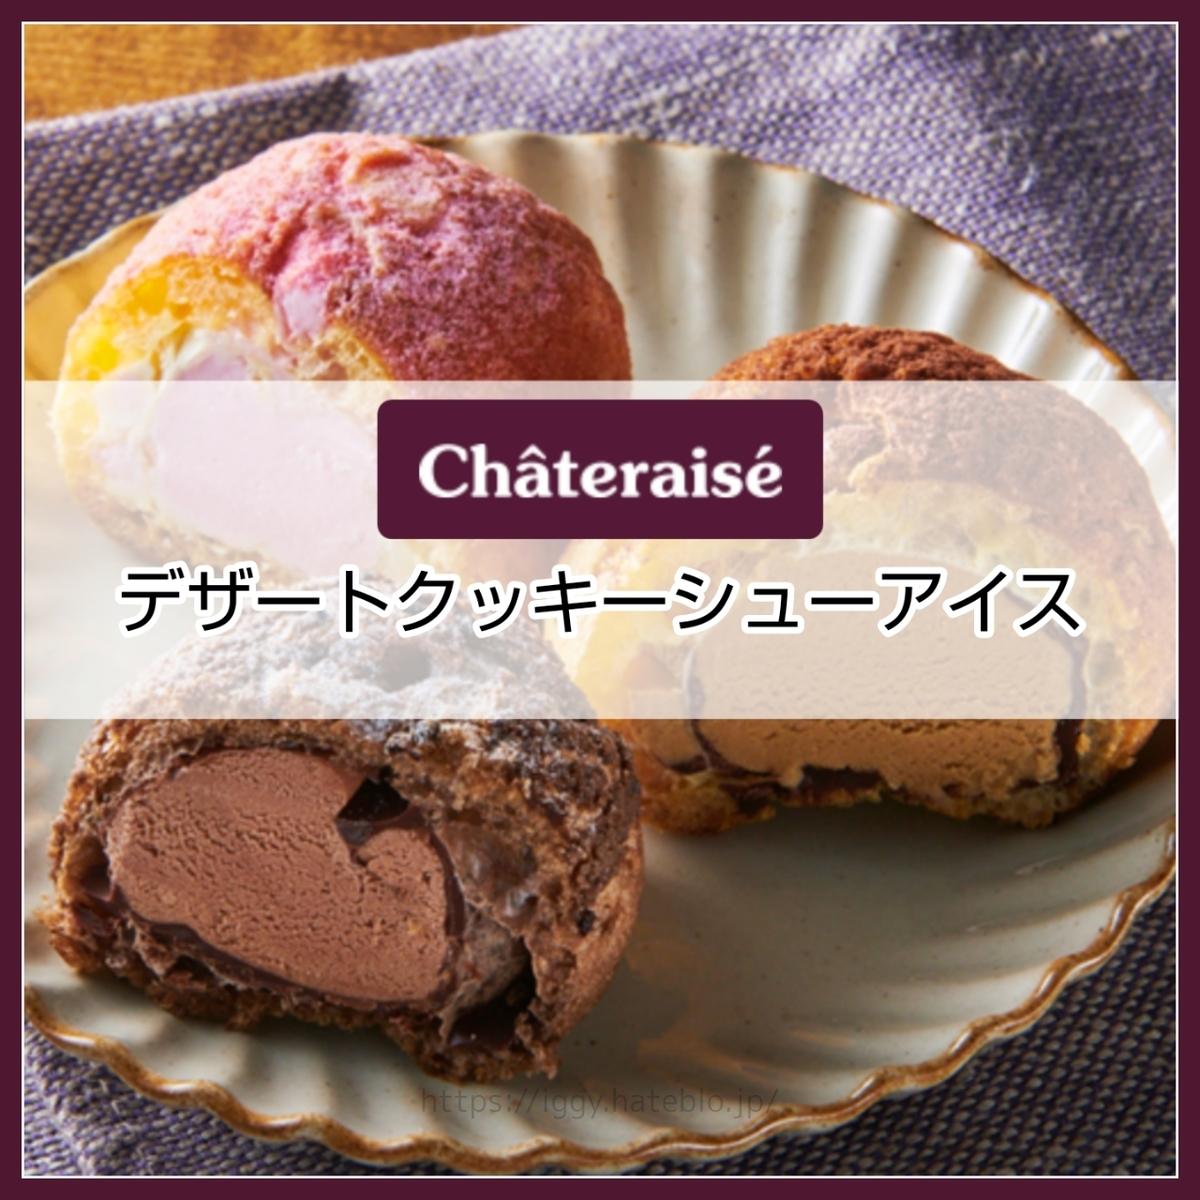 シャトレーゼ おすすめ デザートクッキーシューアイス 口コミ レビュー